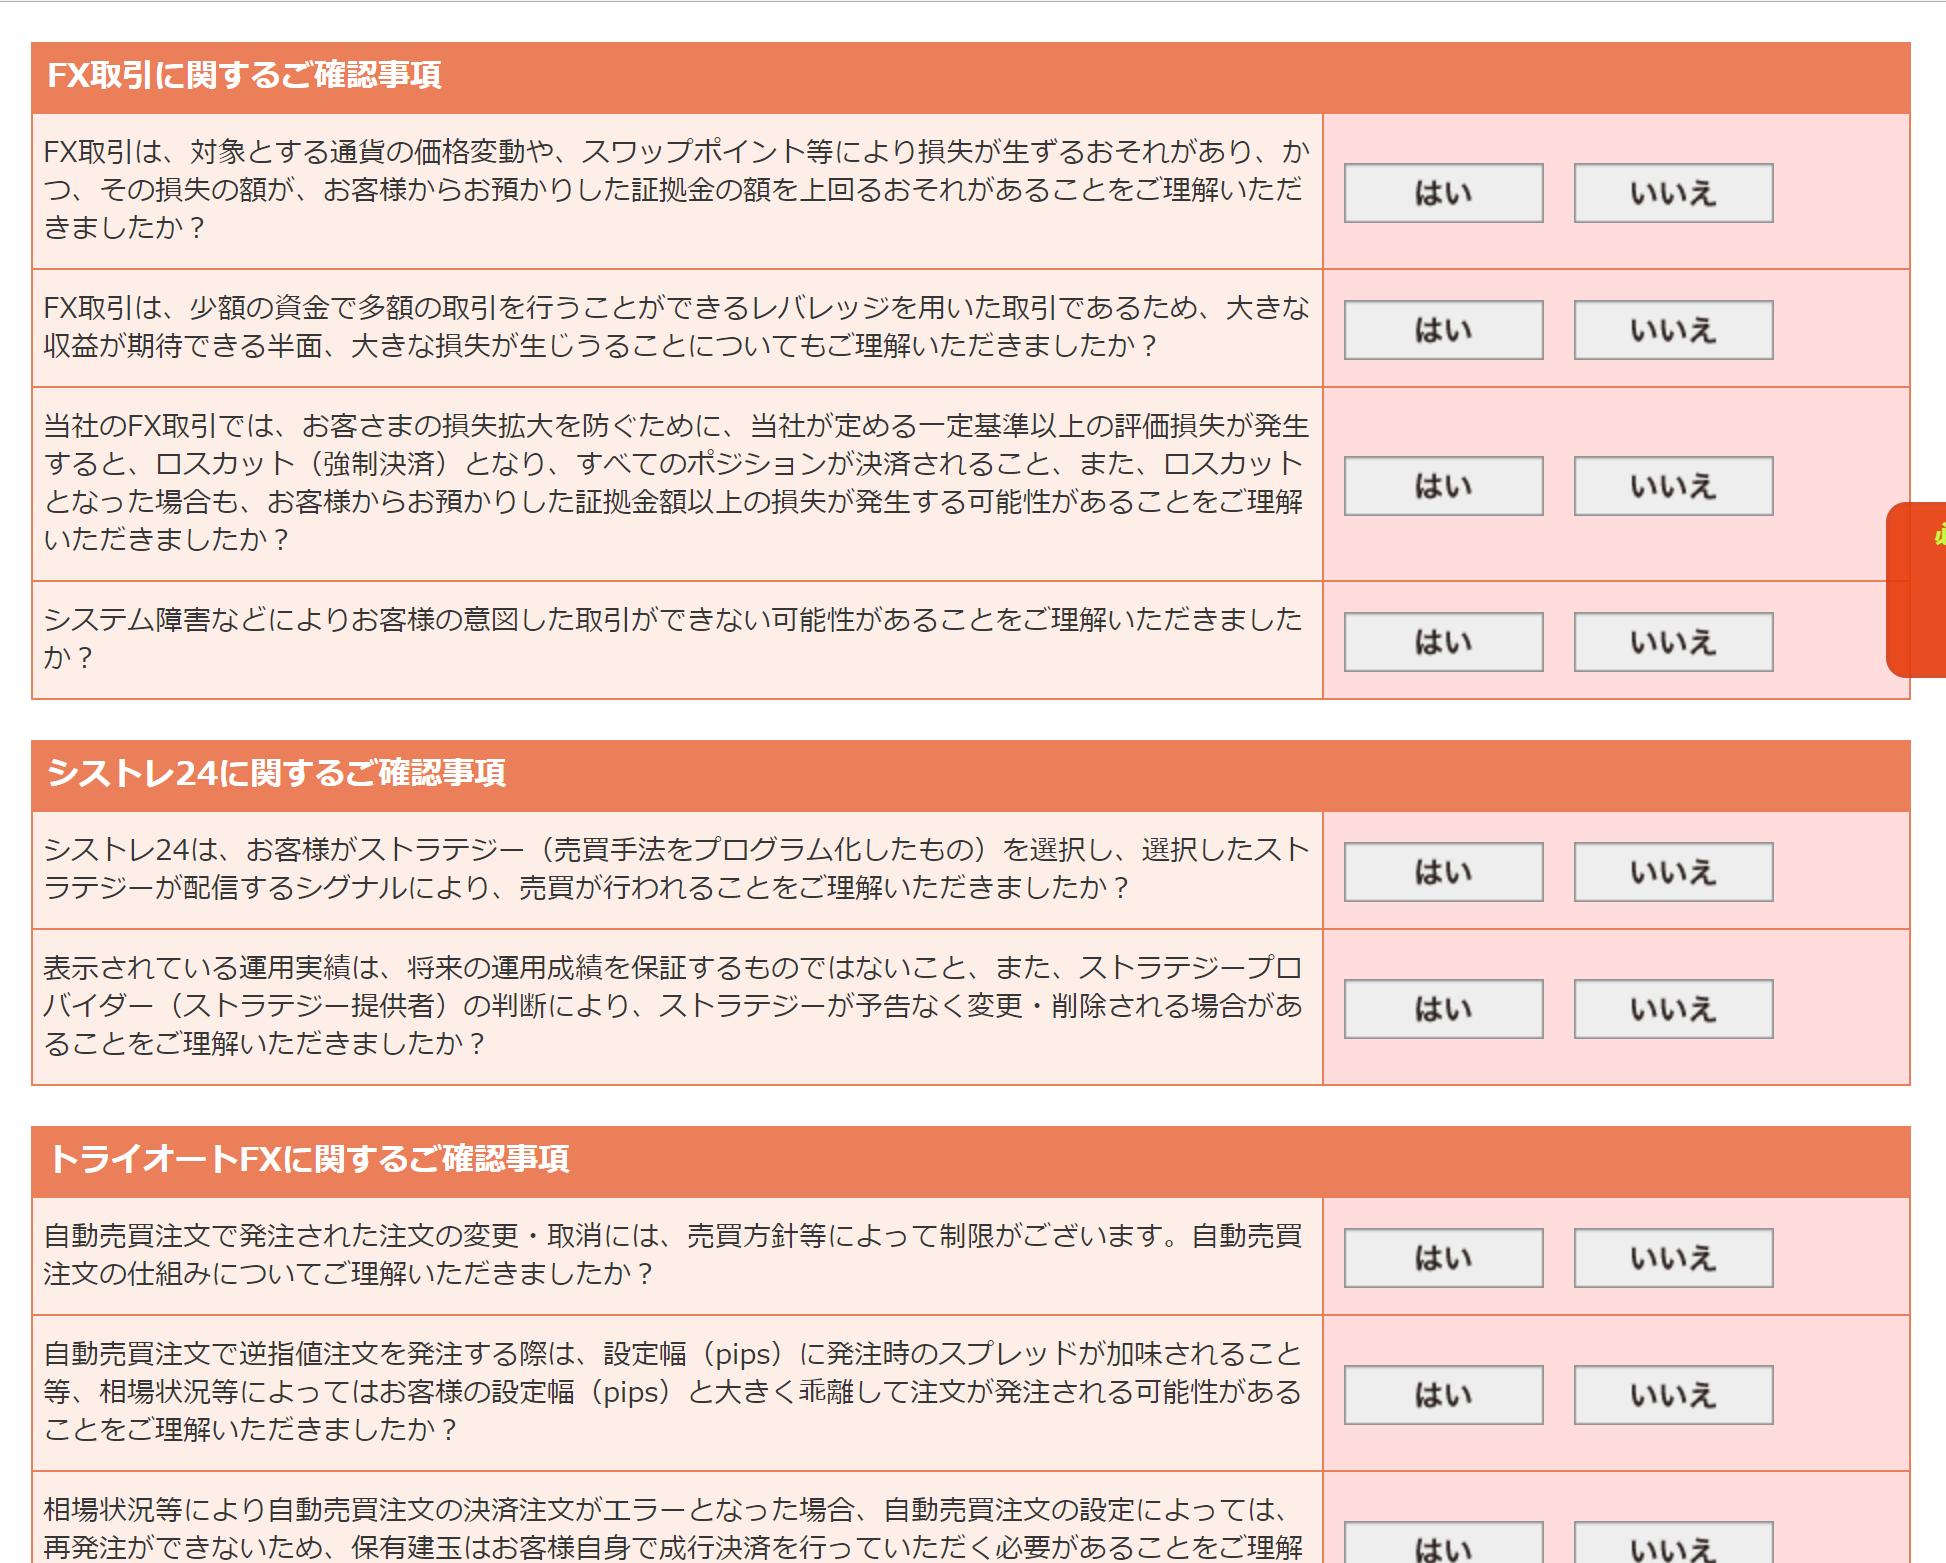 インヴァスト証券口座開設手順PC6-1